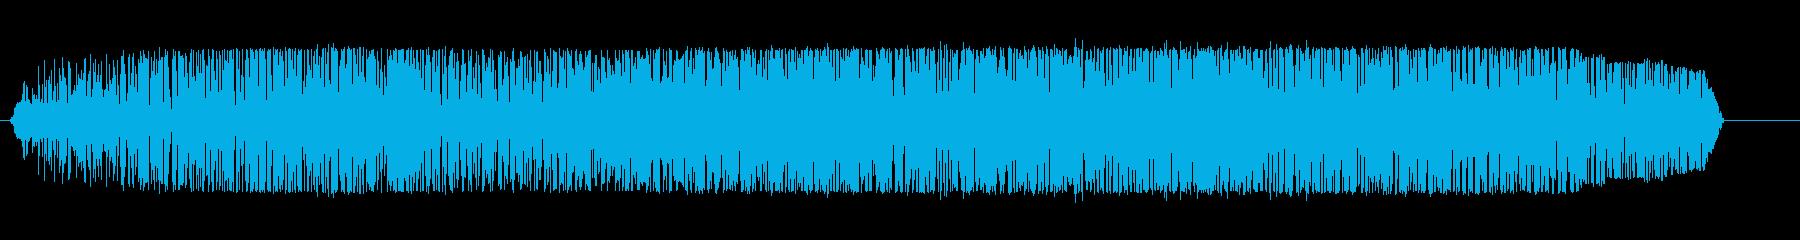 ドラッグスター;アイドル、2台のア...の再生済みの波形